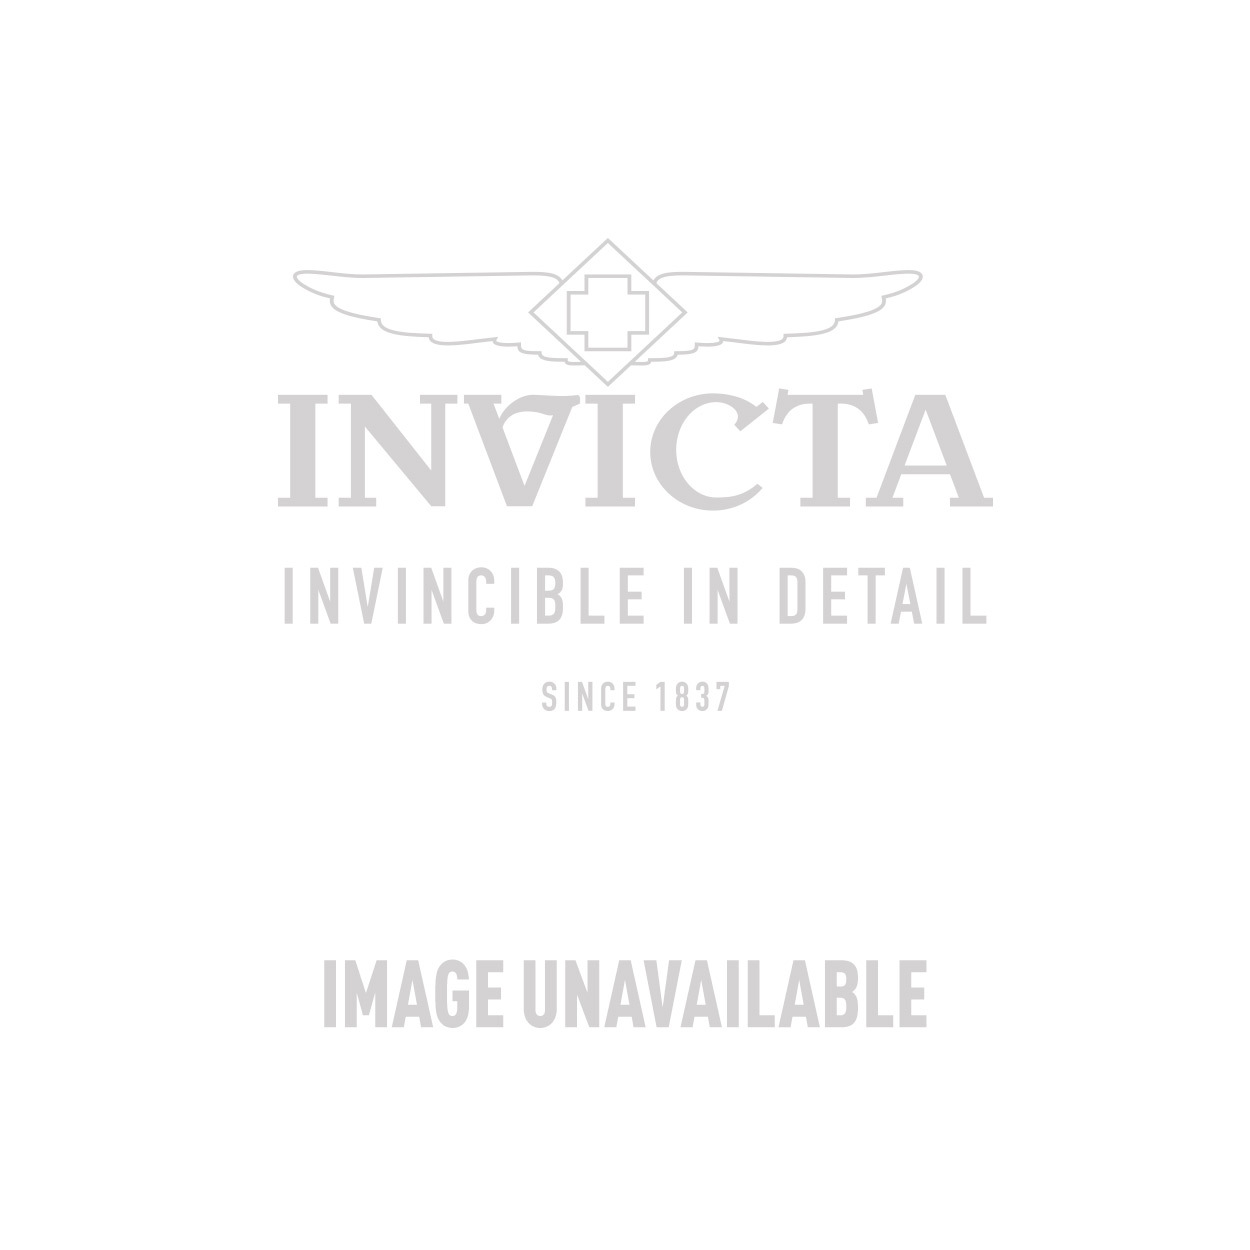 Invicta Model 25447